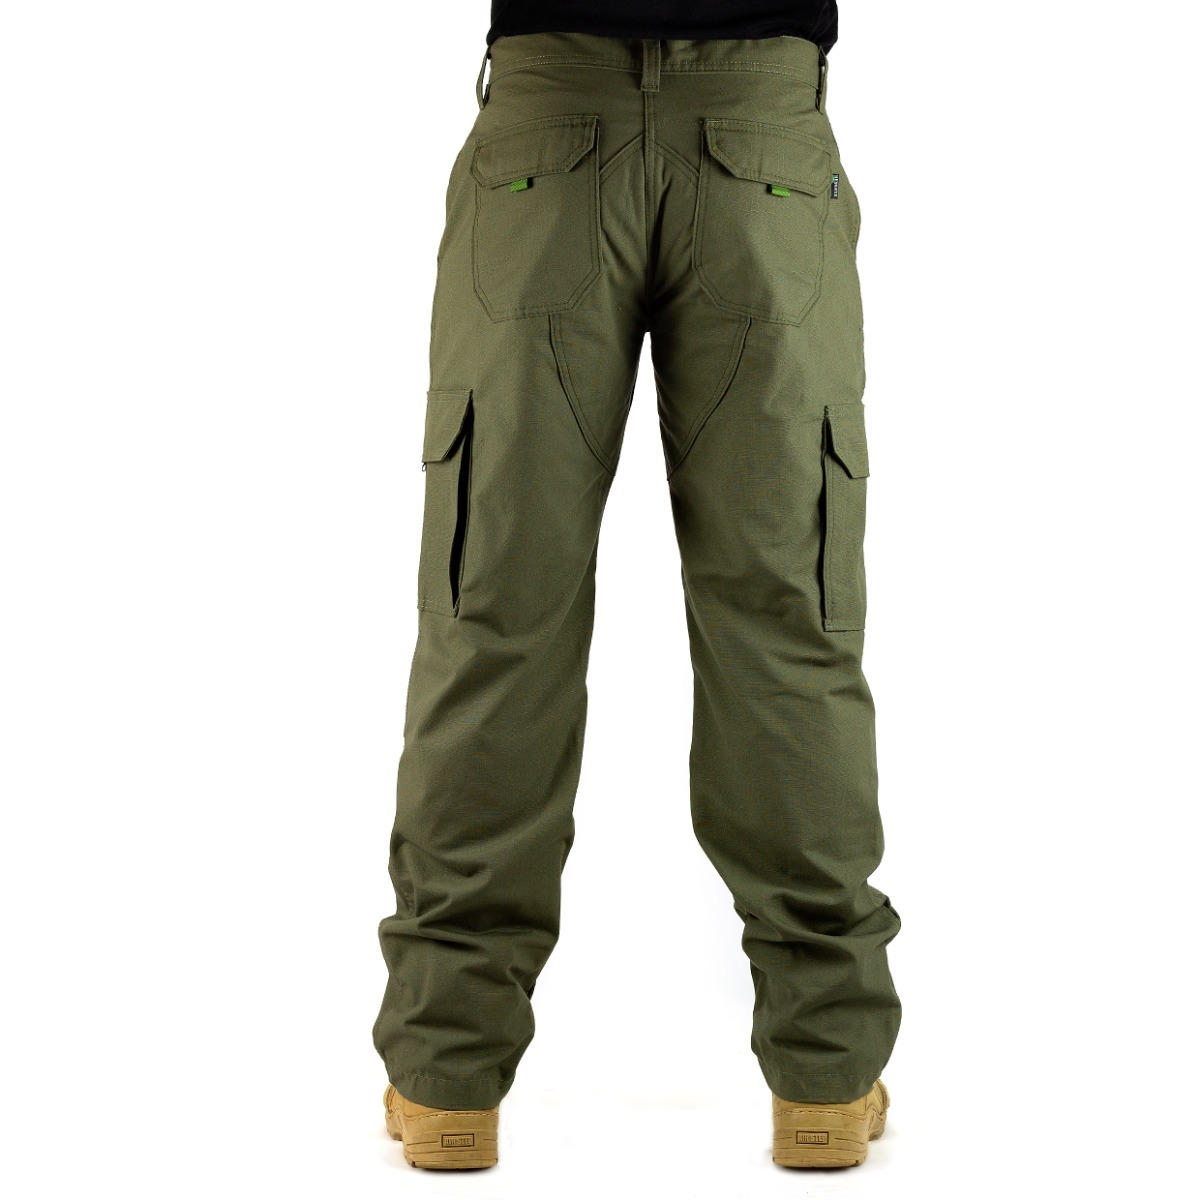 acddb0e8a calça poly rip stop resistente 6 bolsos verde preto caqui t. Carregando  zoom.